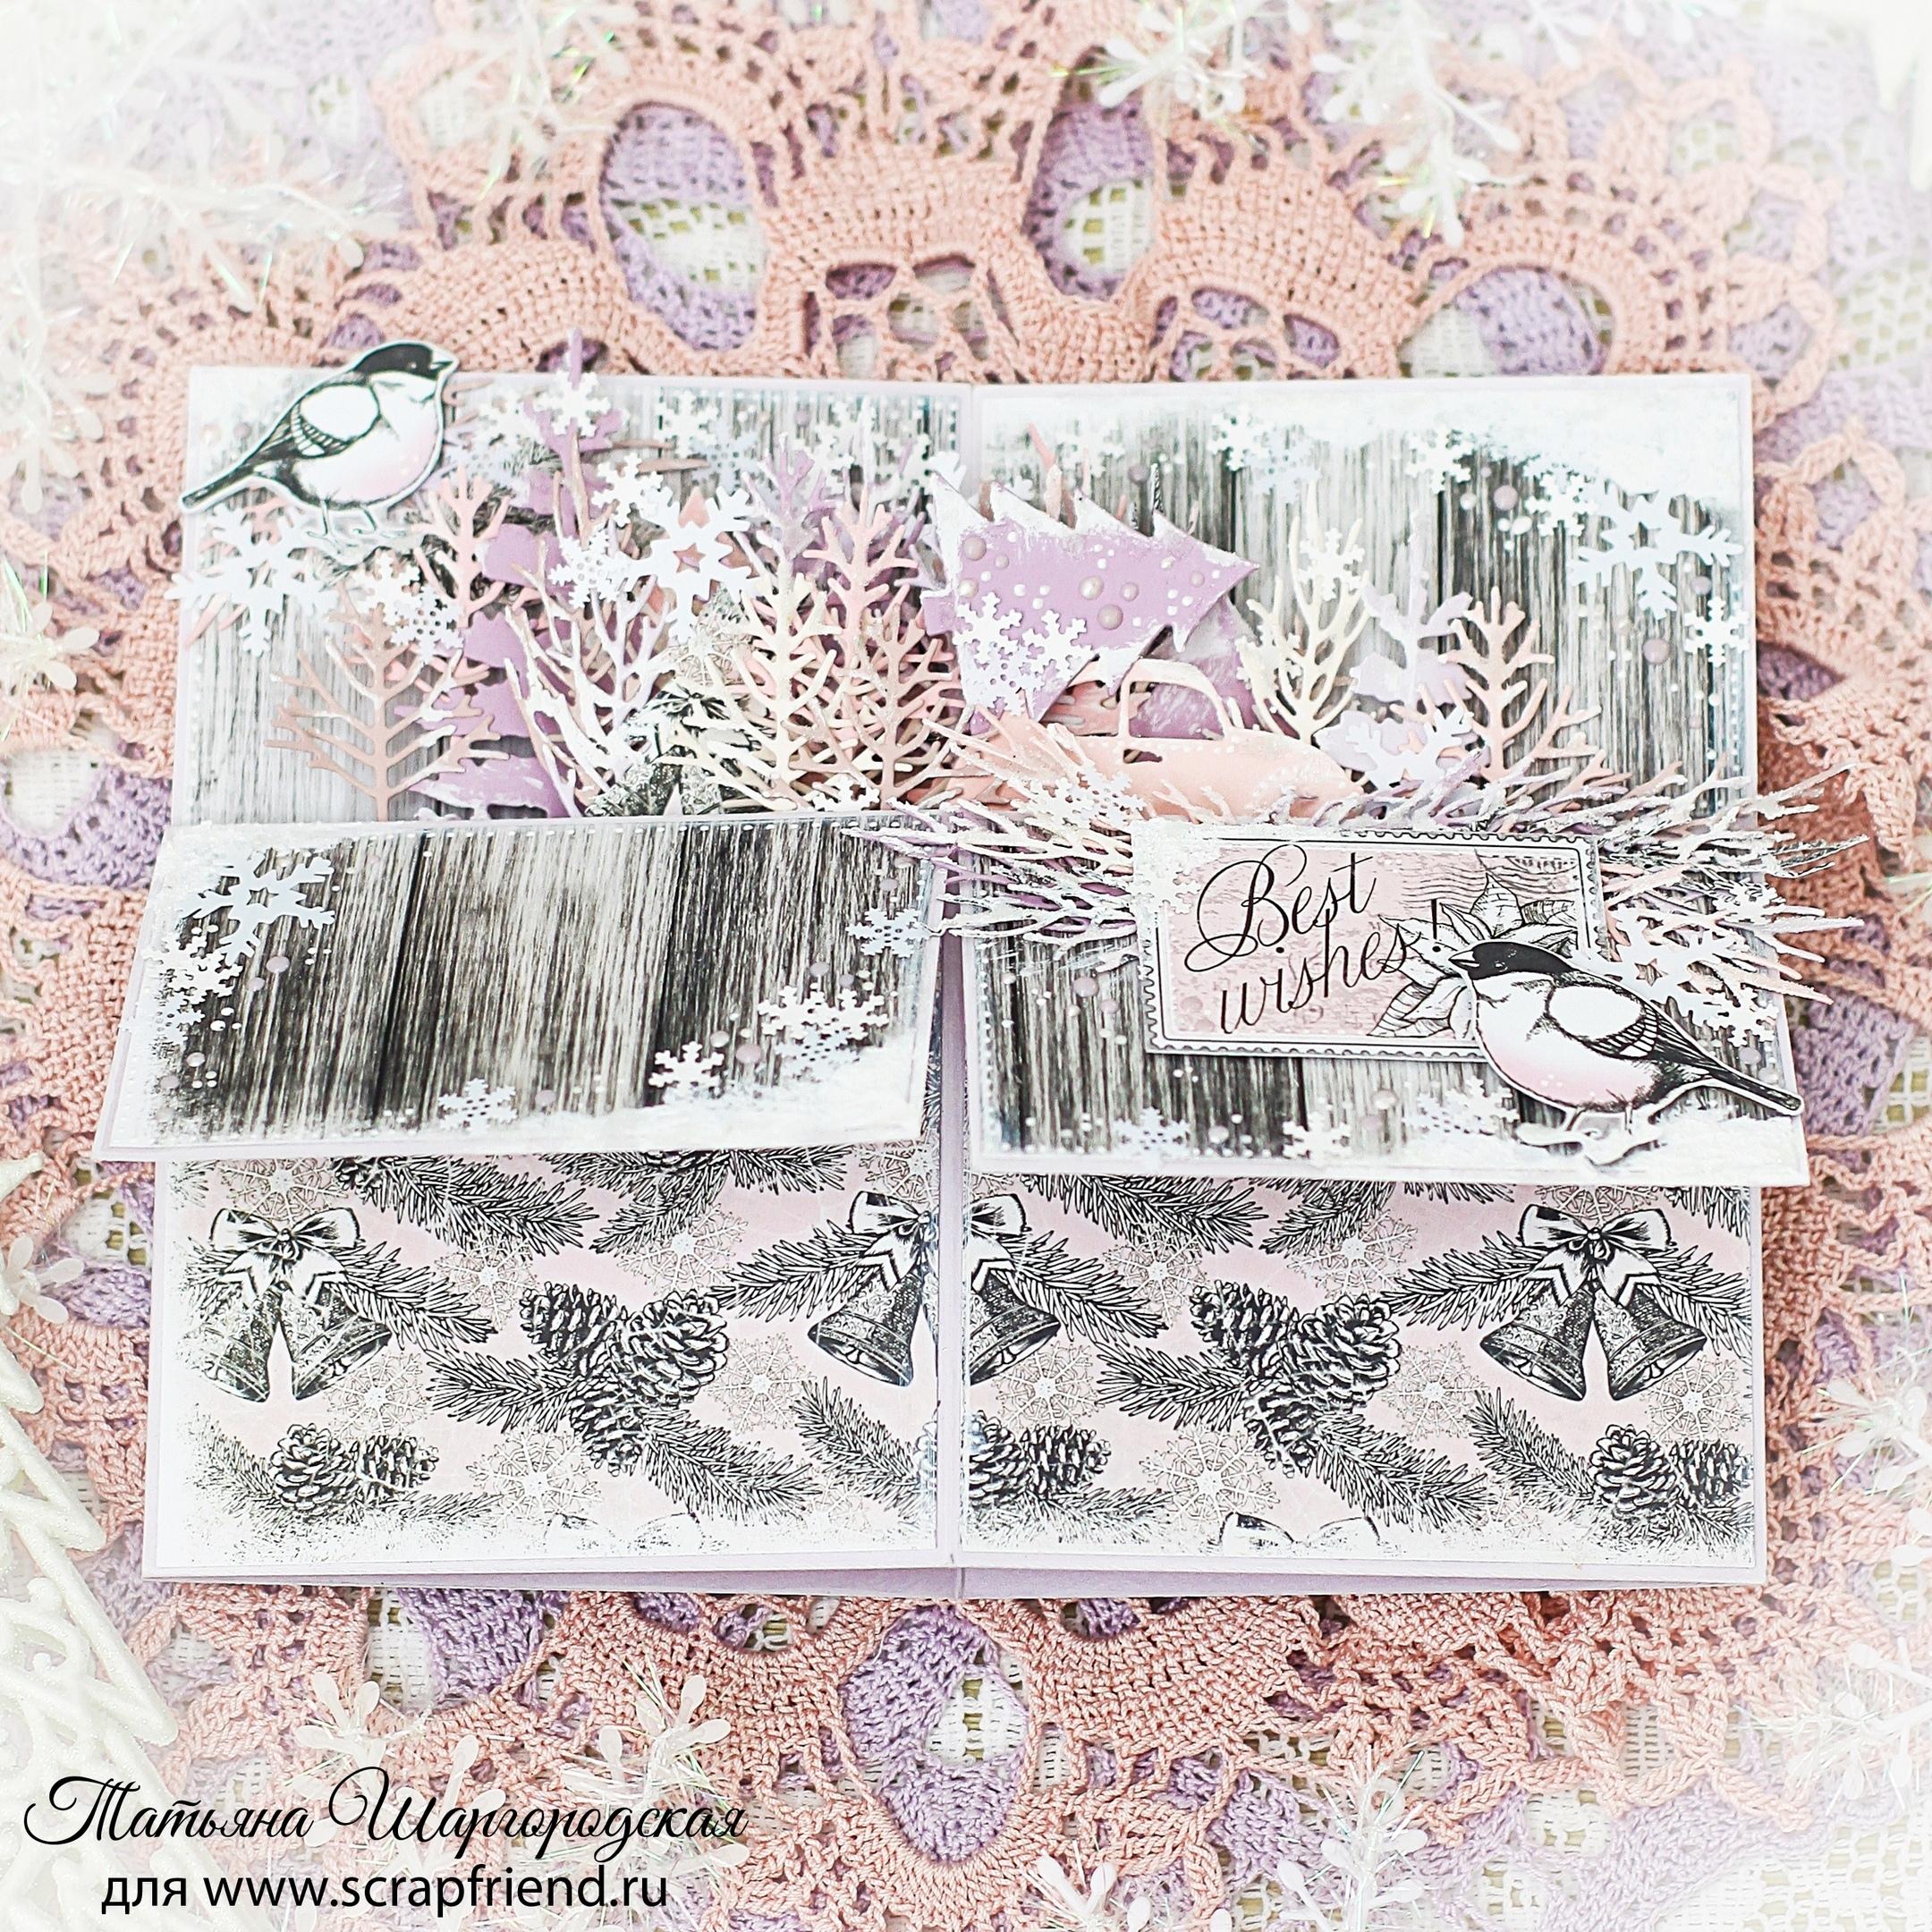 Автор открытки Татьяна Шаргородская